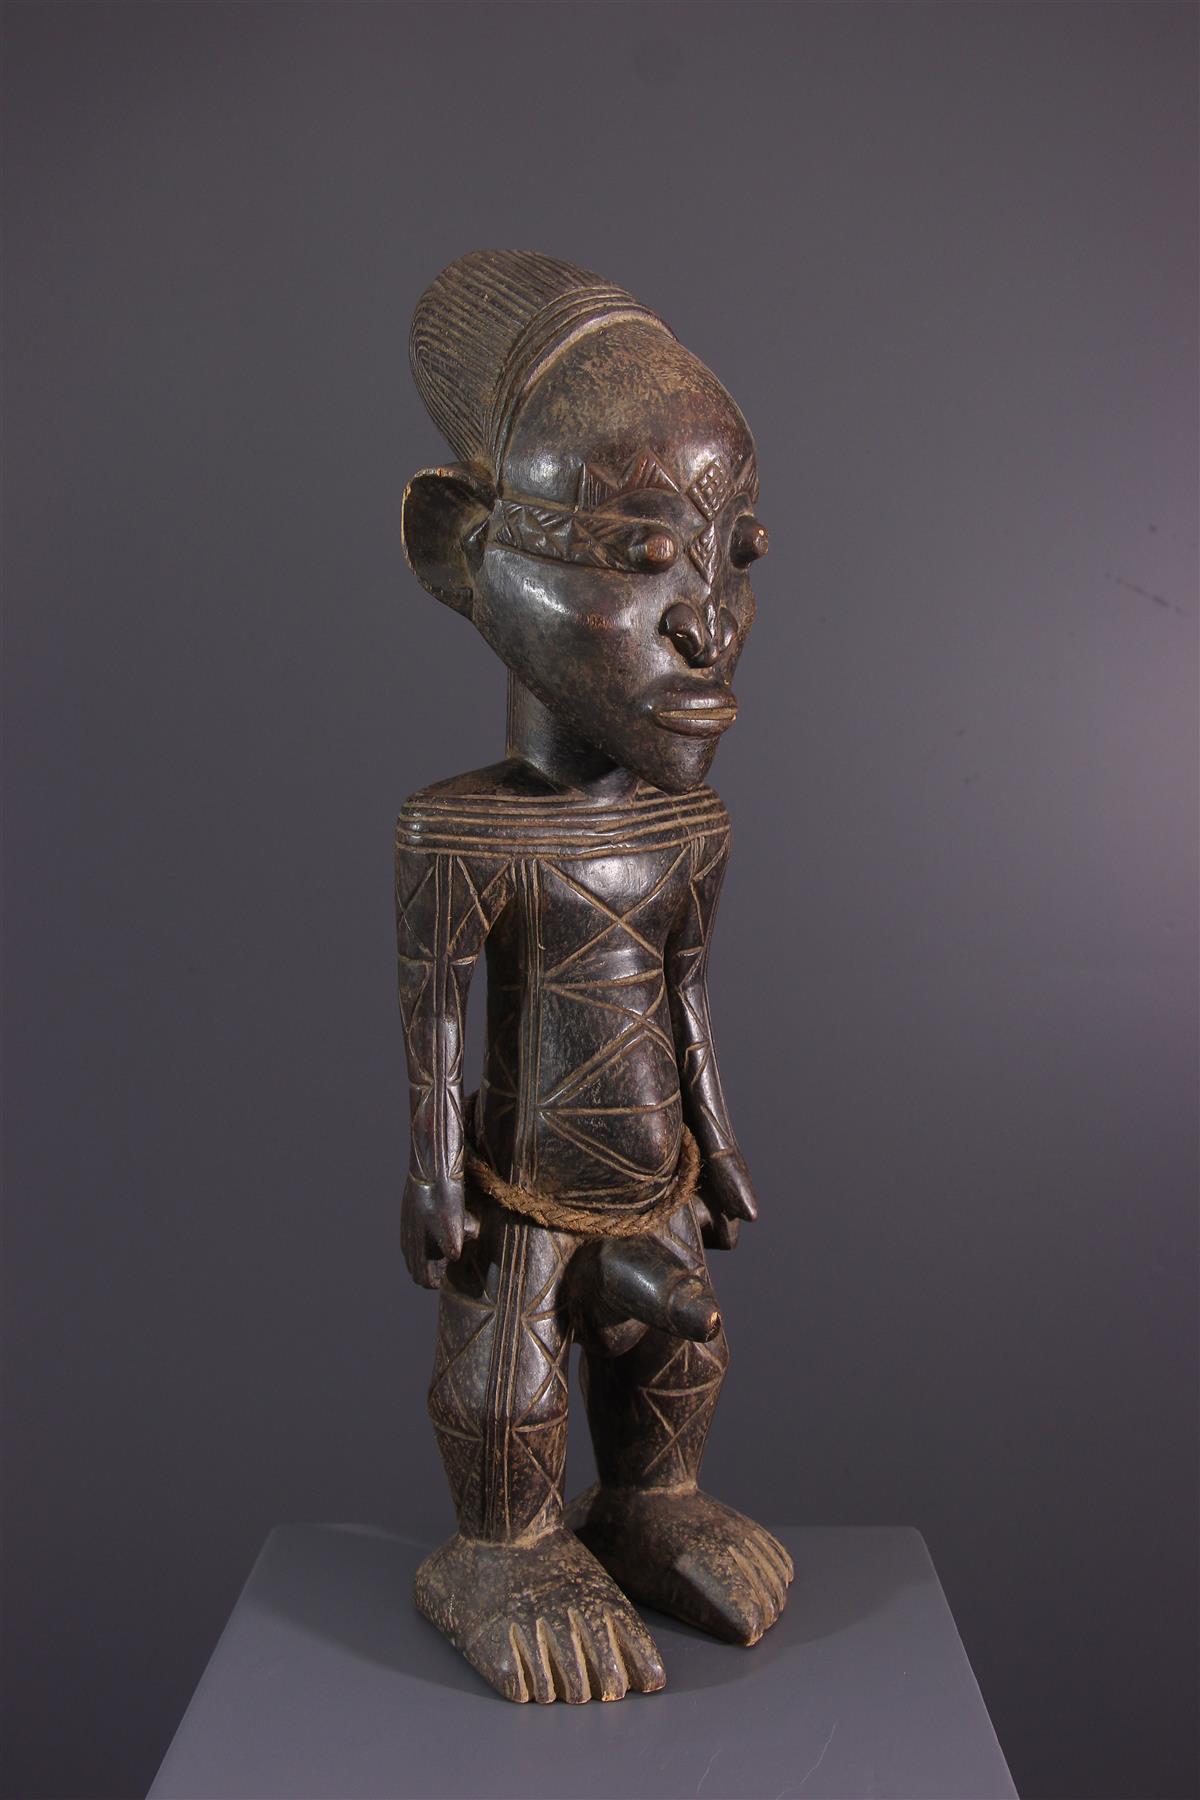 Mangbetu Statue - African art